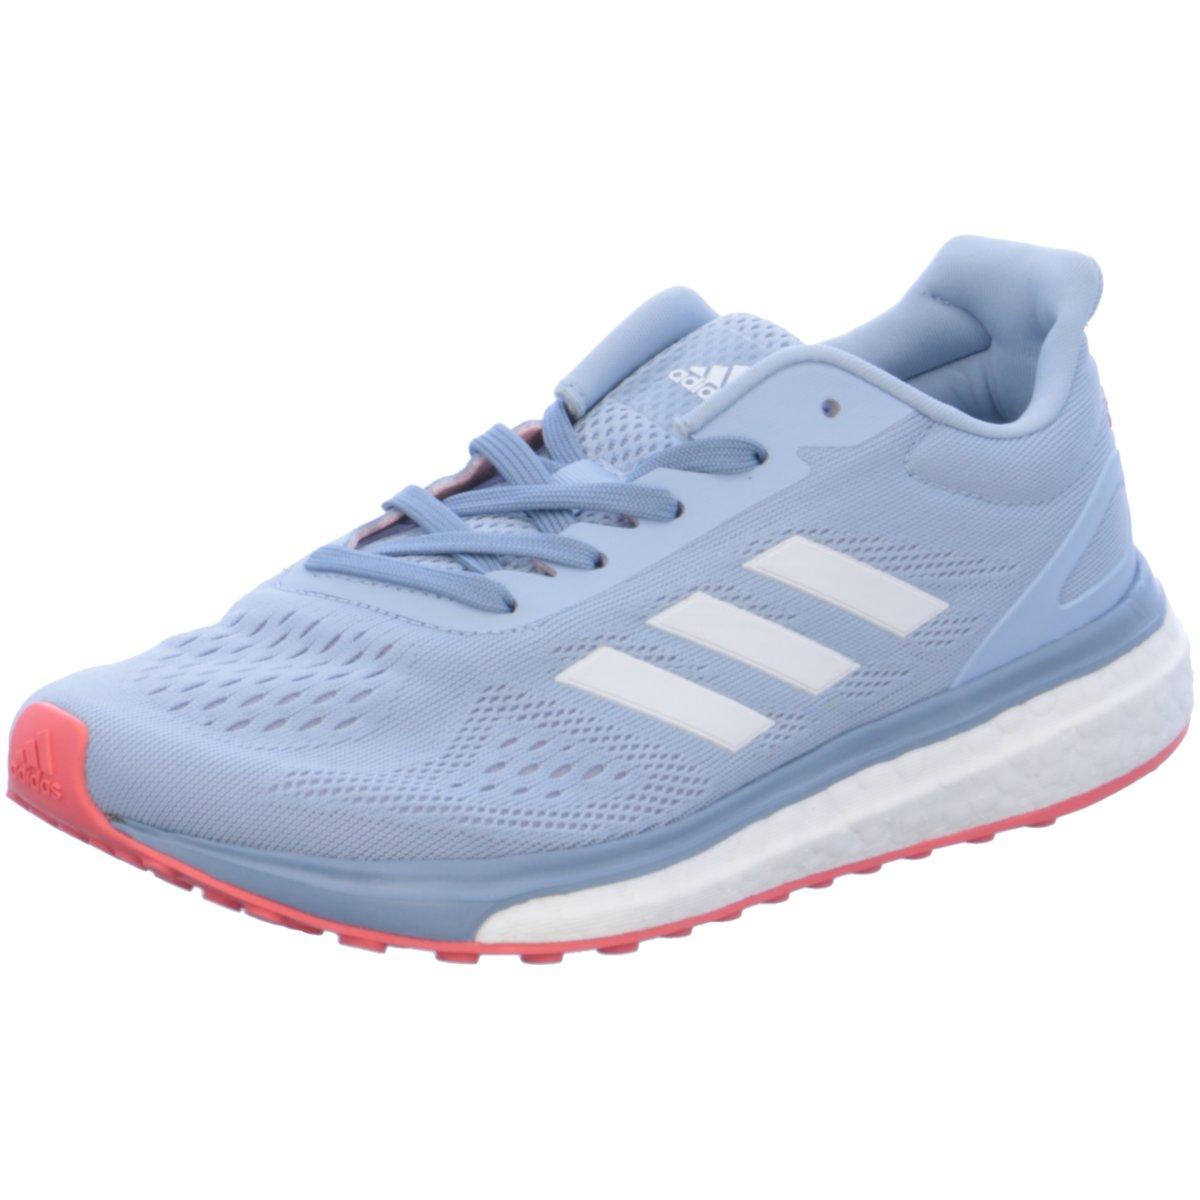 Details zu #S2K adidas Damen Sportschuhe Response lt Damen Laufschuhe Running hellblau